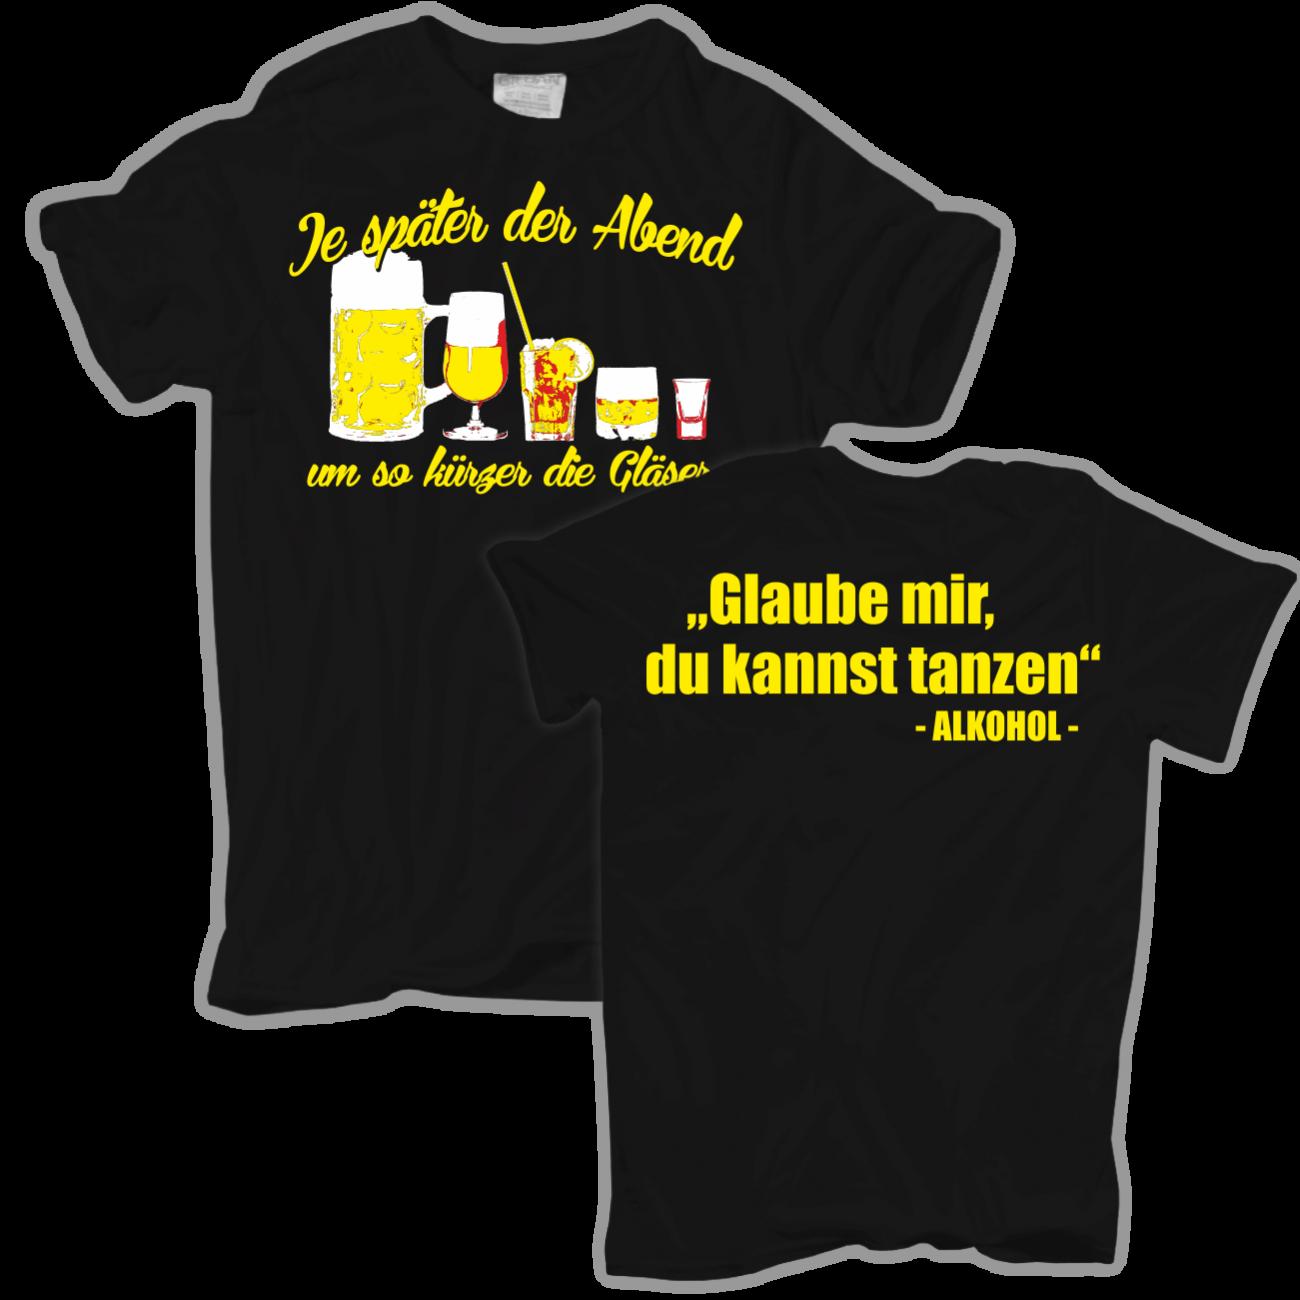 t-shirt tanzen alkohol feiern frühschoppen bier männertag